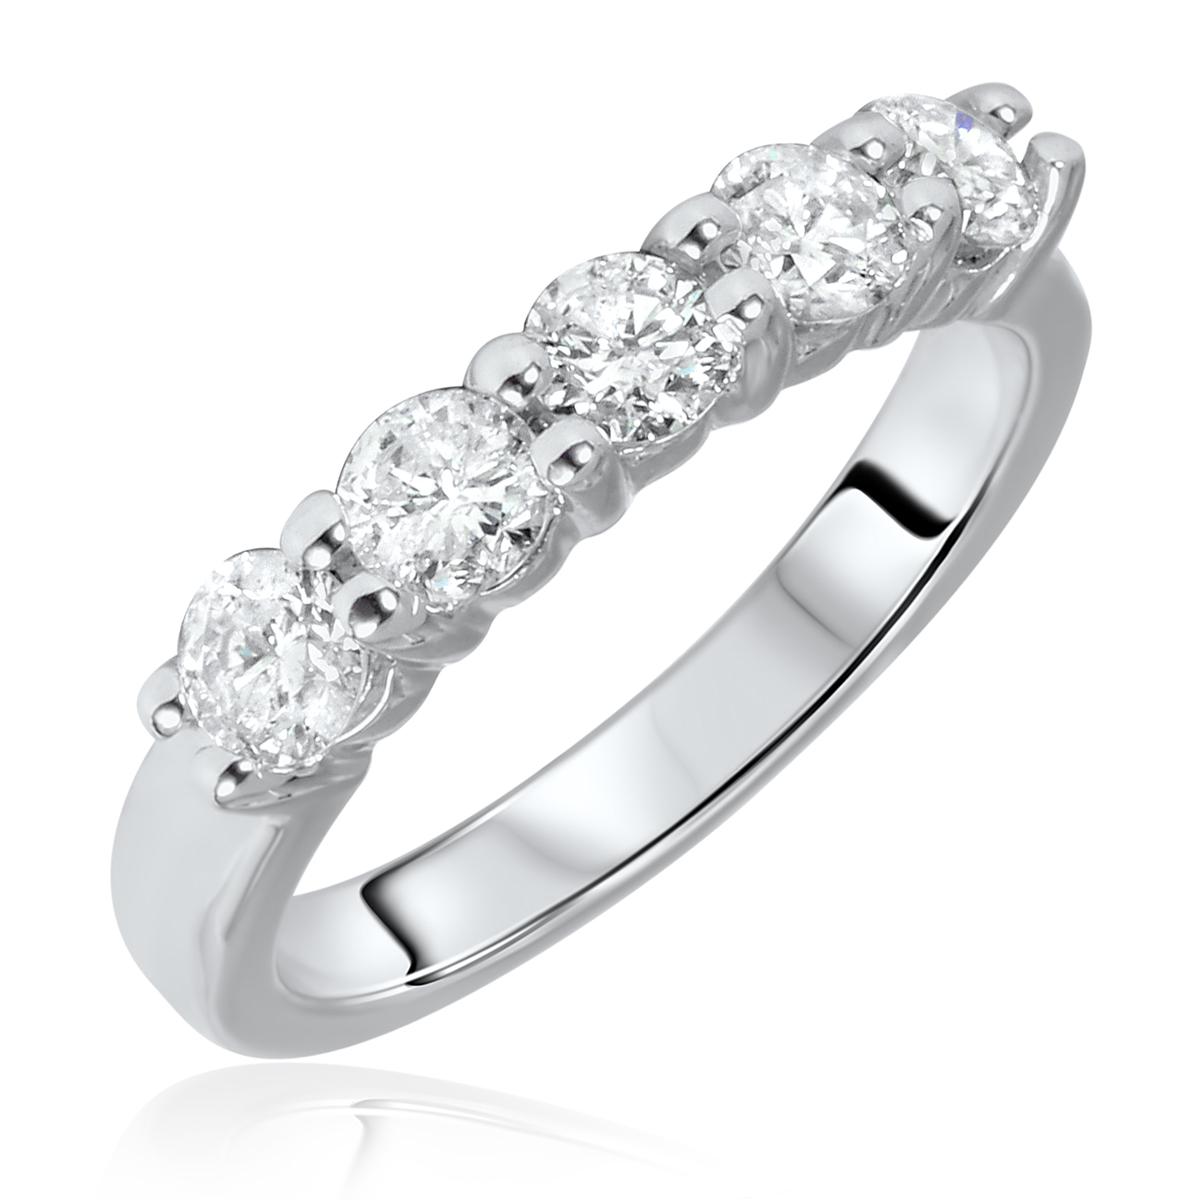 1 CT. T.W. Round Cut 5 Stone Diamond Anniversary Ladies Band 14K White Gold-